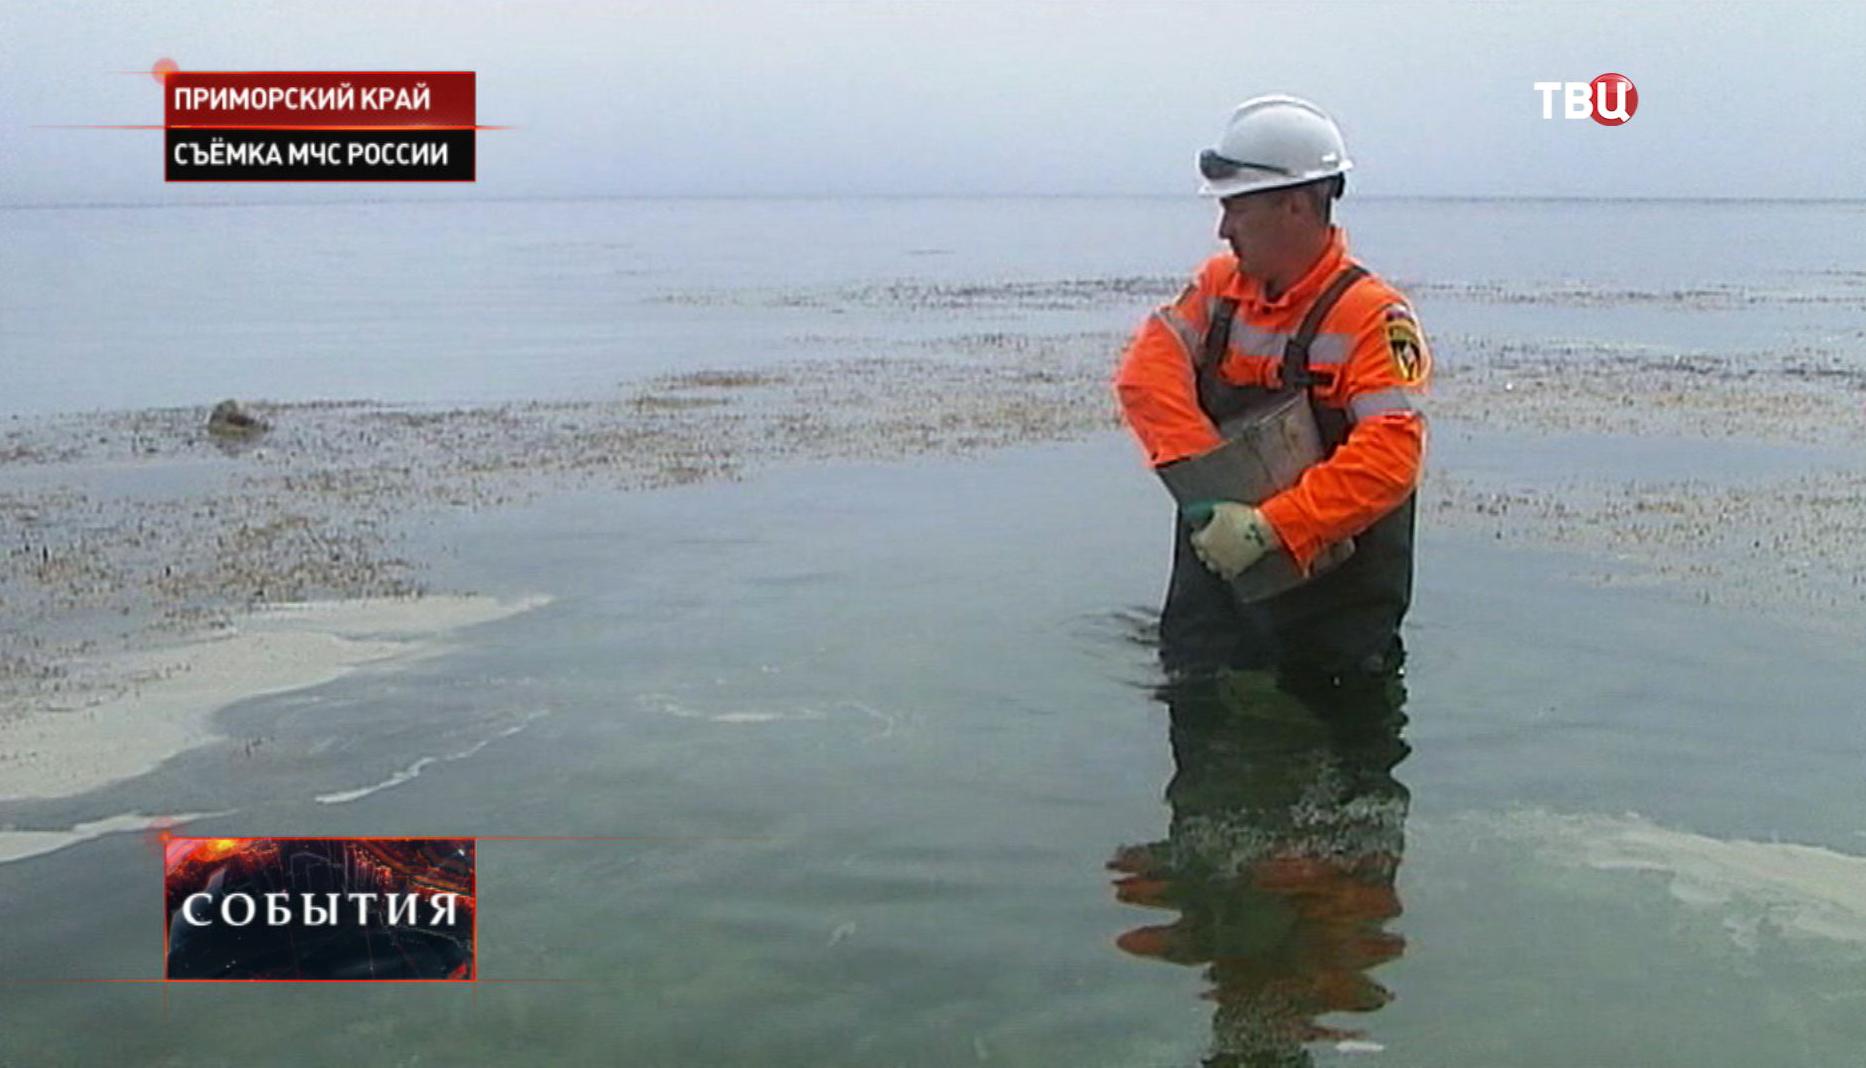 Работы по ликвидации нефтяного загрязнения в Приморском крае